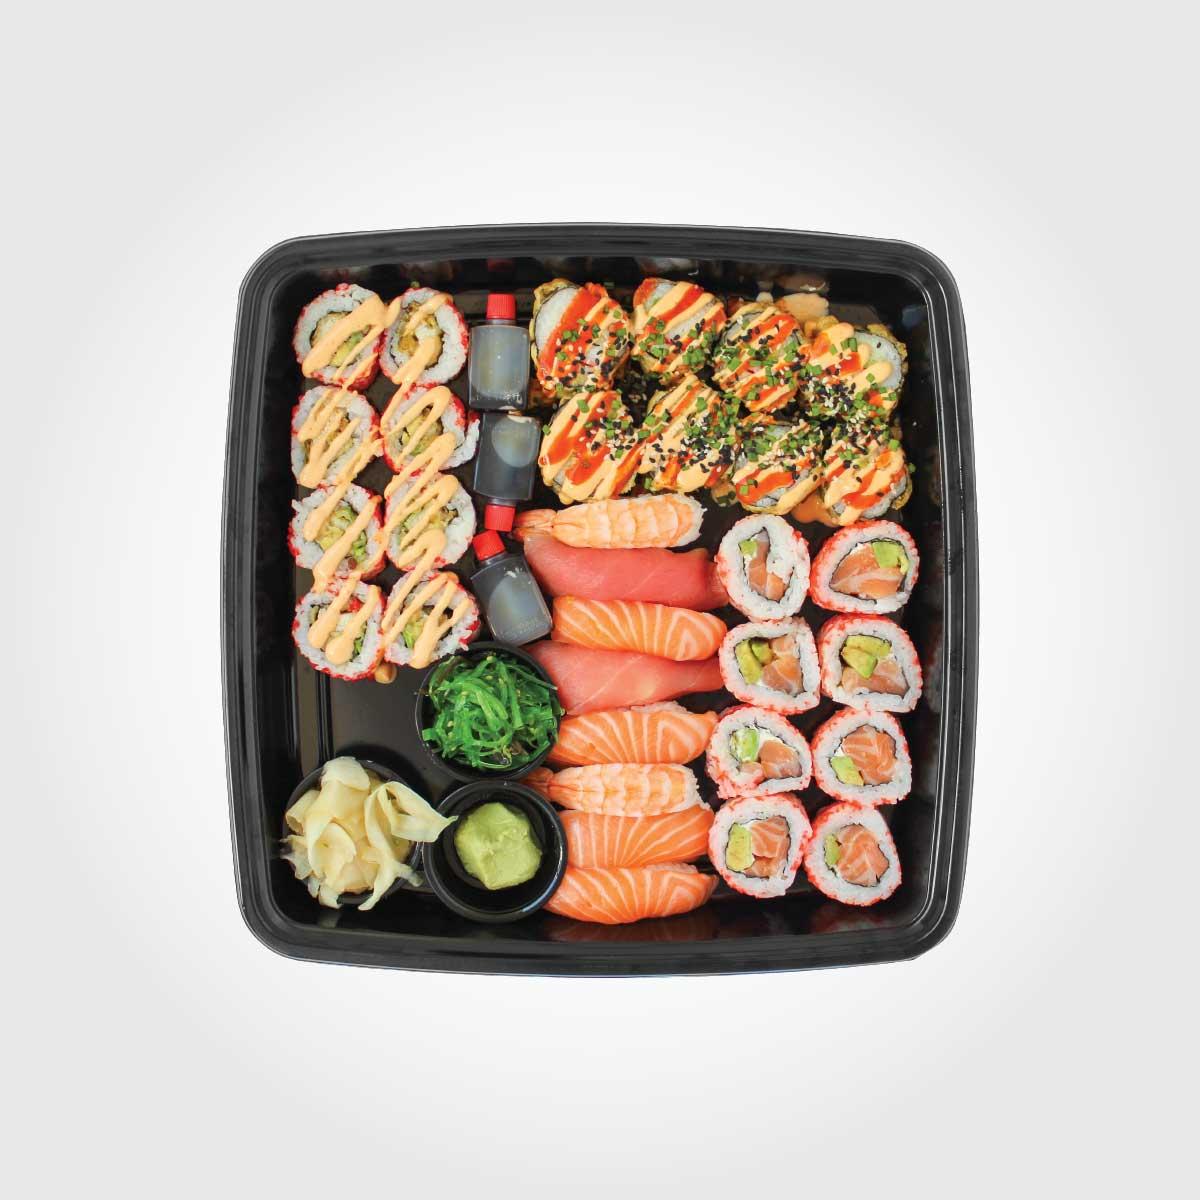 Veislubakkar - Klassískt sushi - Reykjavík Asian